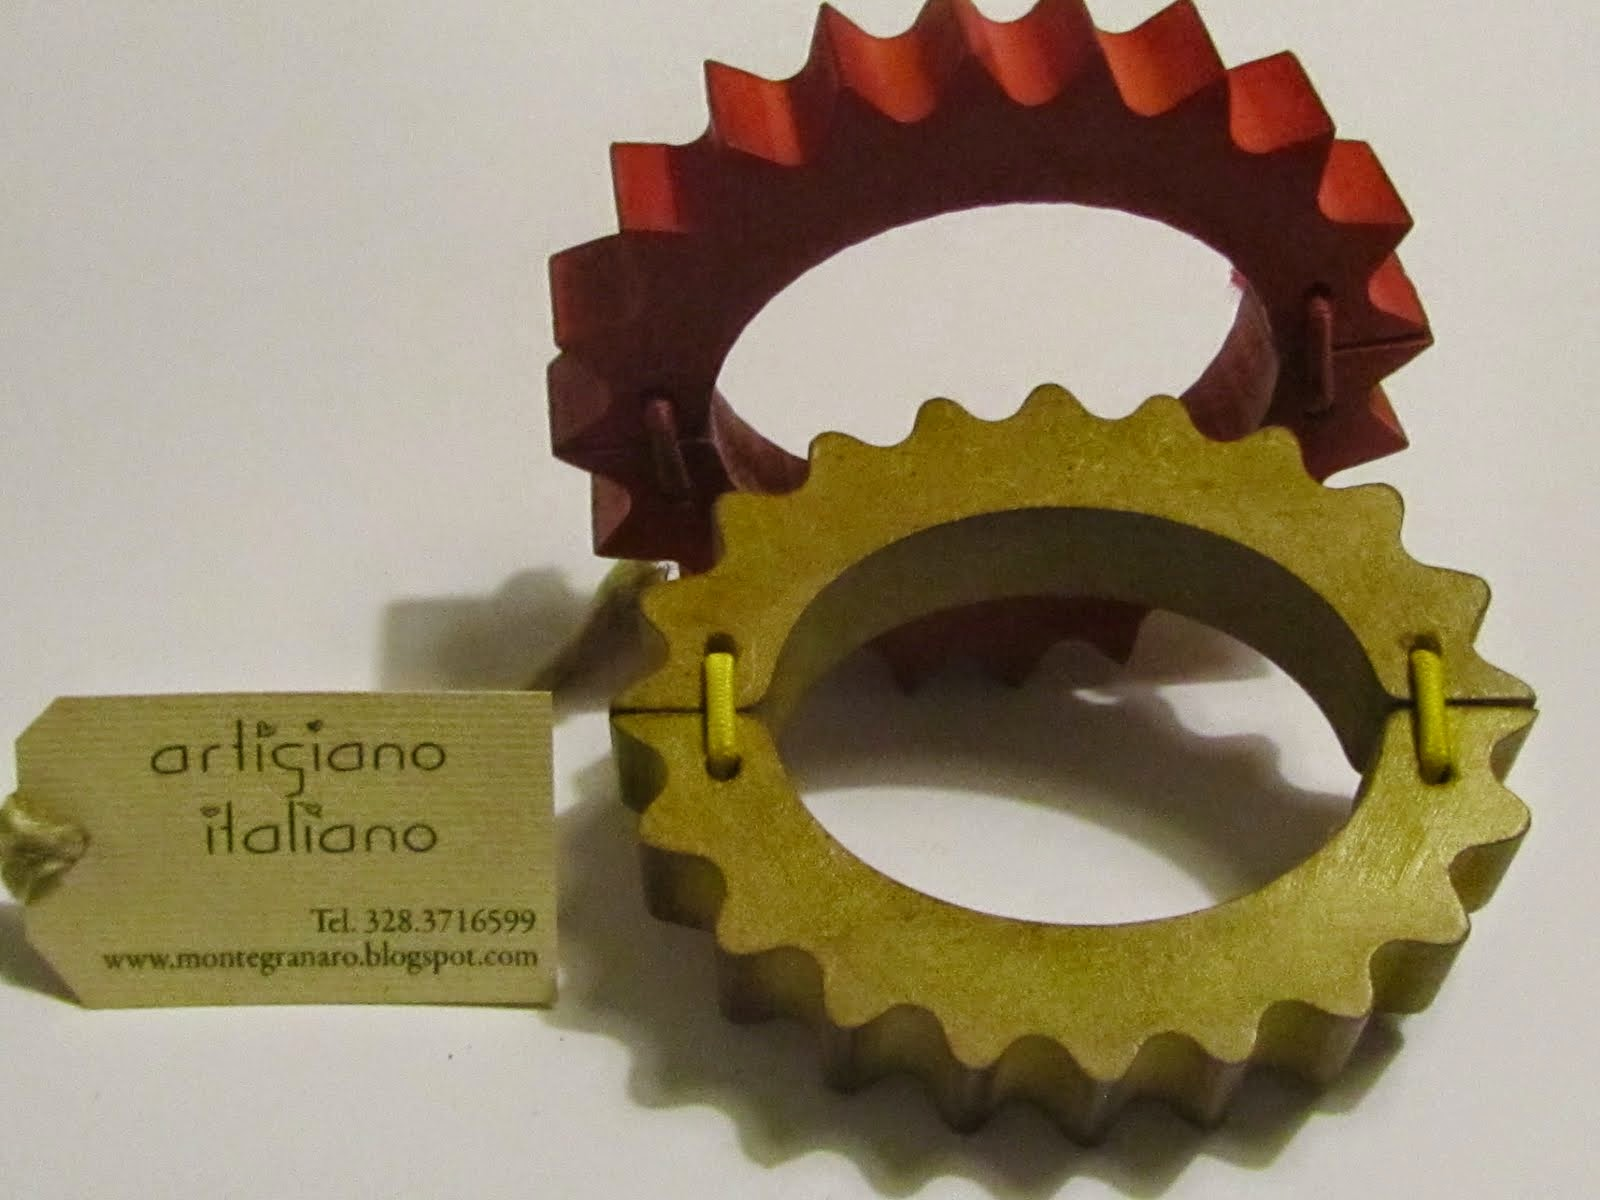 Artigiano che produce braccialetti in legno realizzati a mano